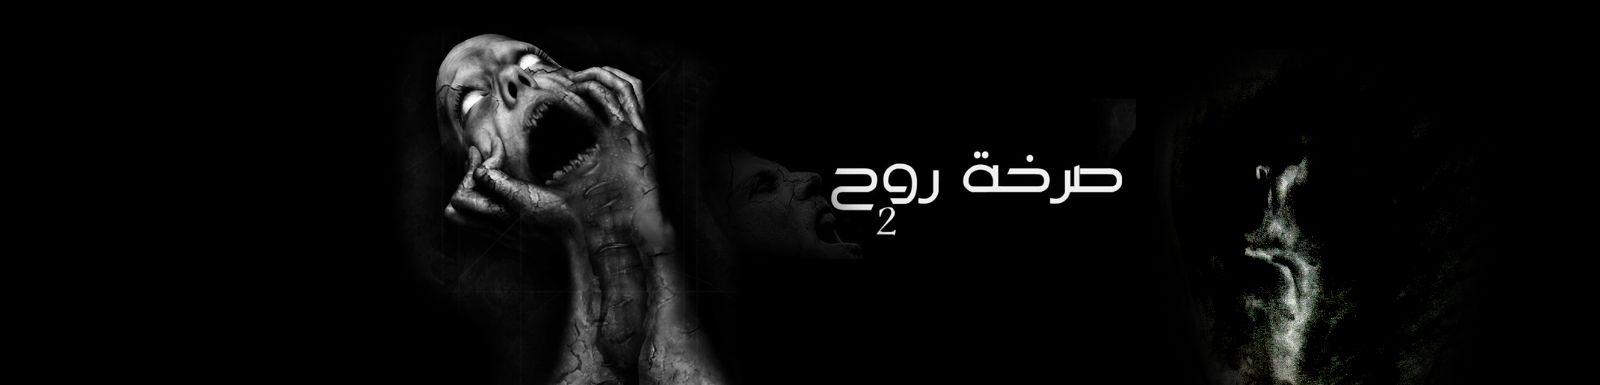 مشاهدة وتحميل مسلسل صرخة روح ج2 الحلقة 4 الرابعة كاملة 2014